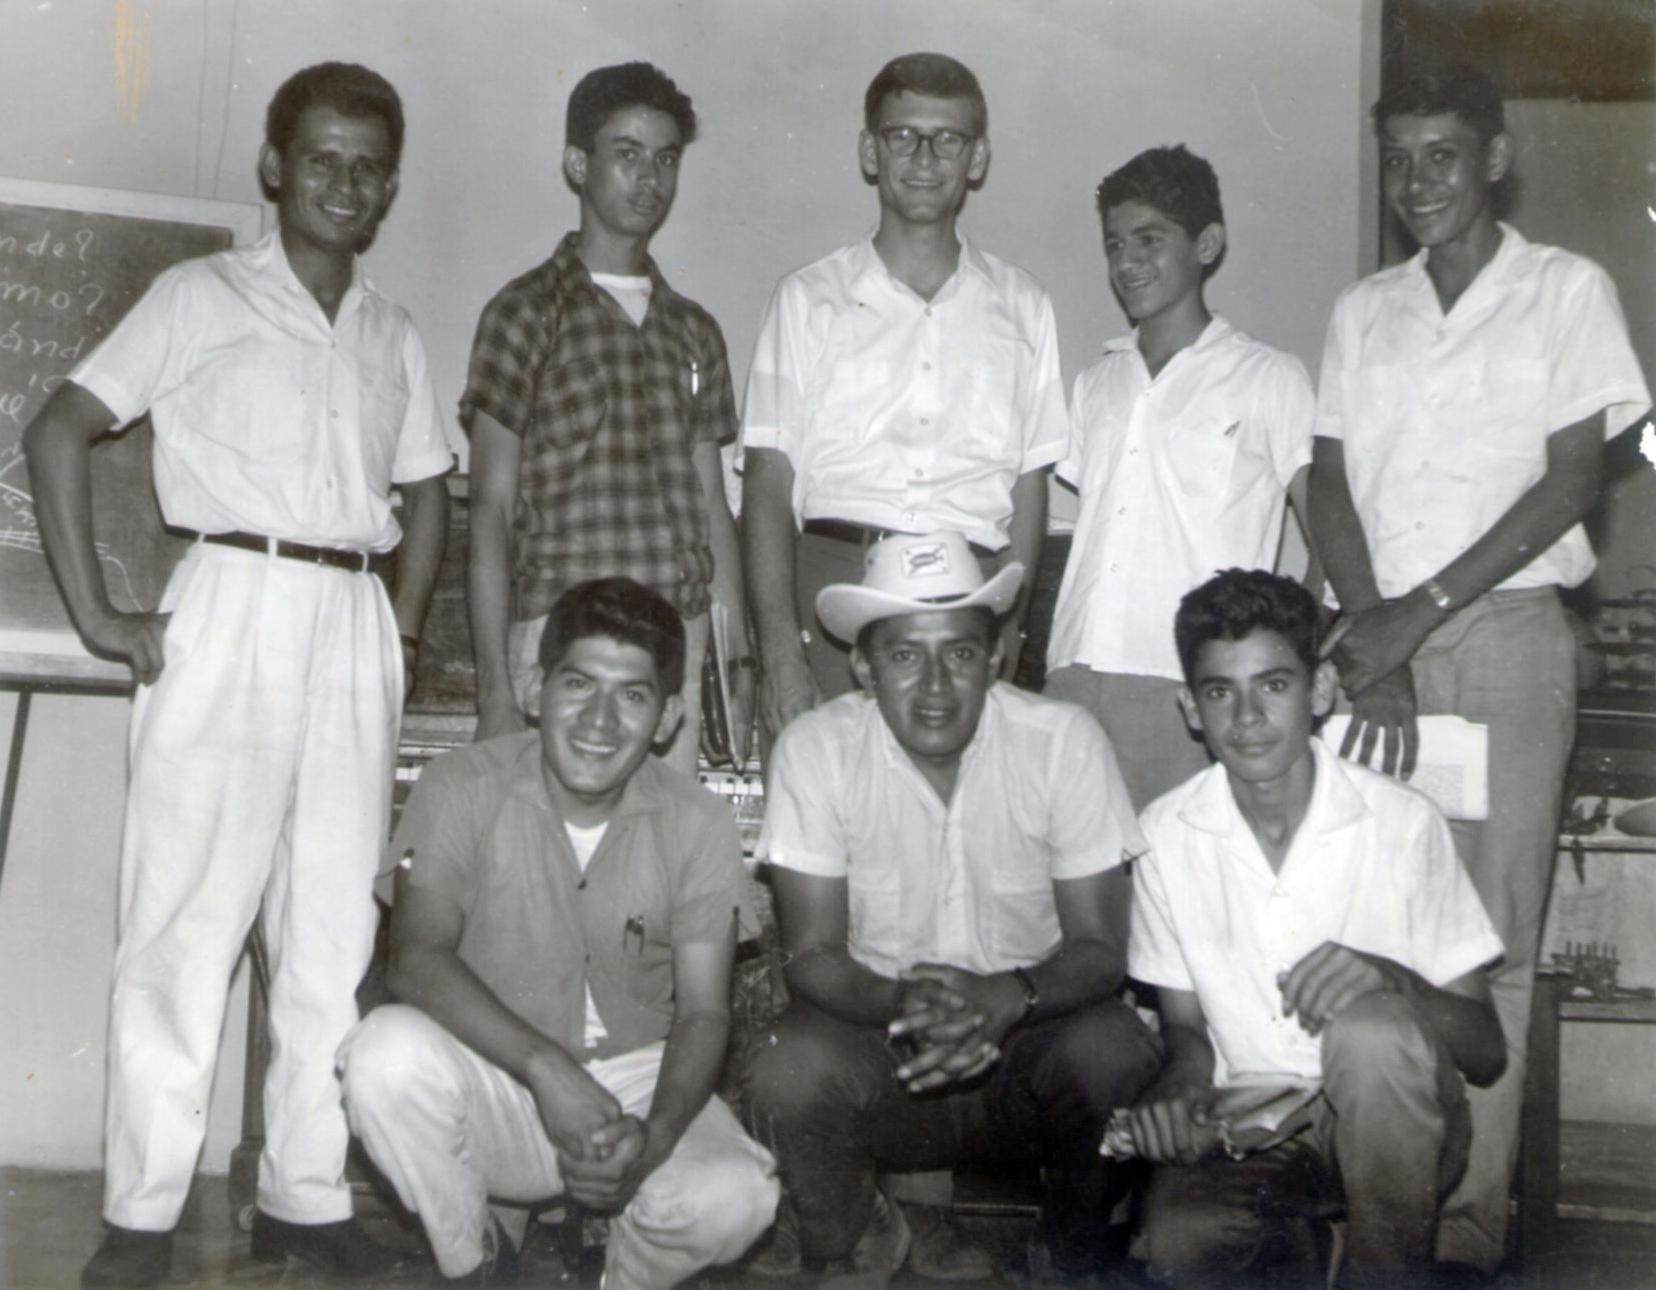 Los que iniciaron el primer grupo icthus en guatemala